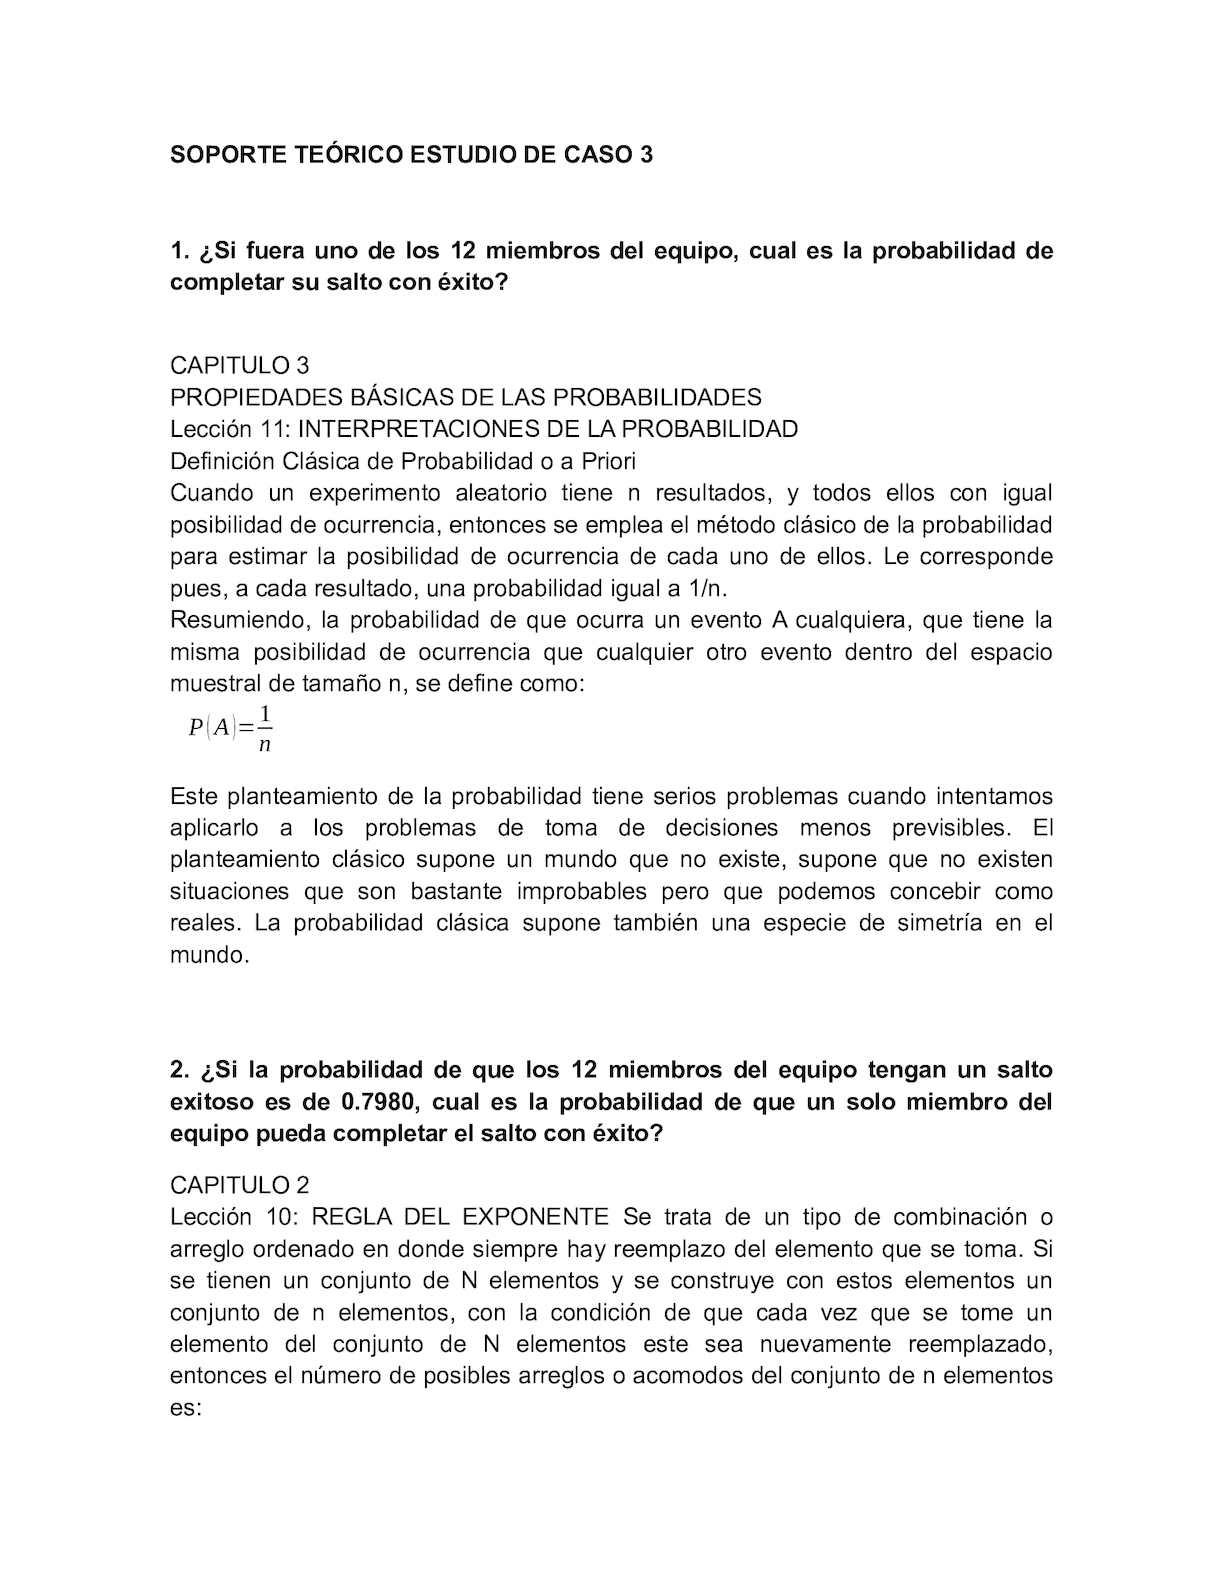 Soporte Teórico Estudio De Caso 3